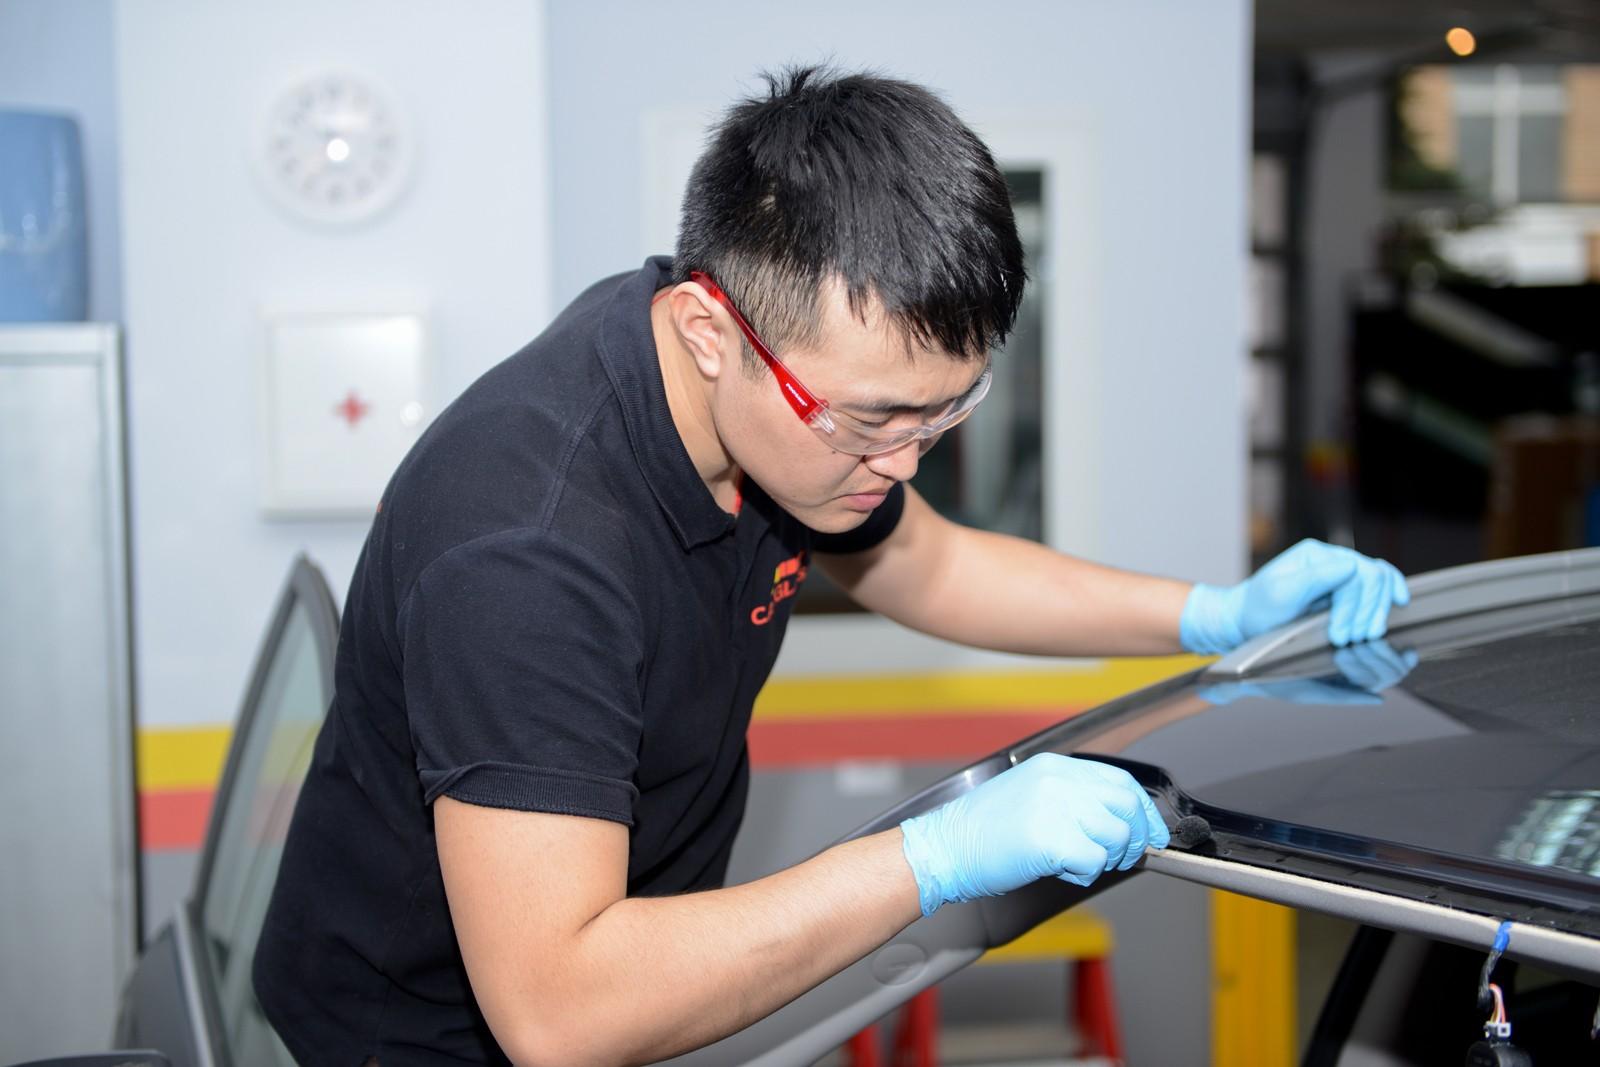 Краткий курс стекловедения: что нужно знать, если вы планируете менять стекло в машине